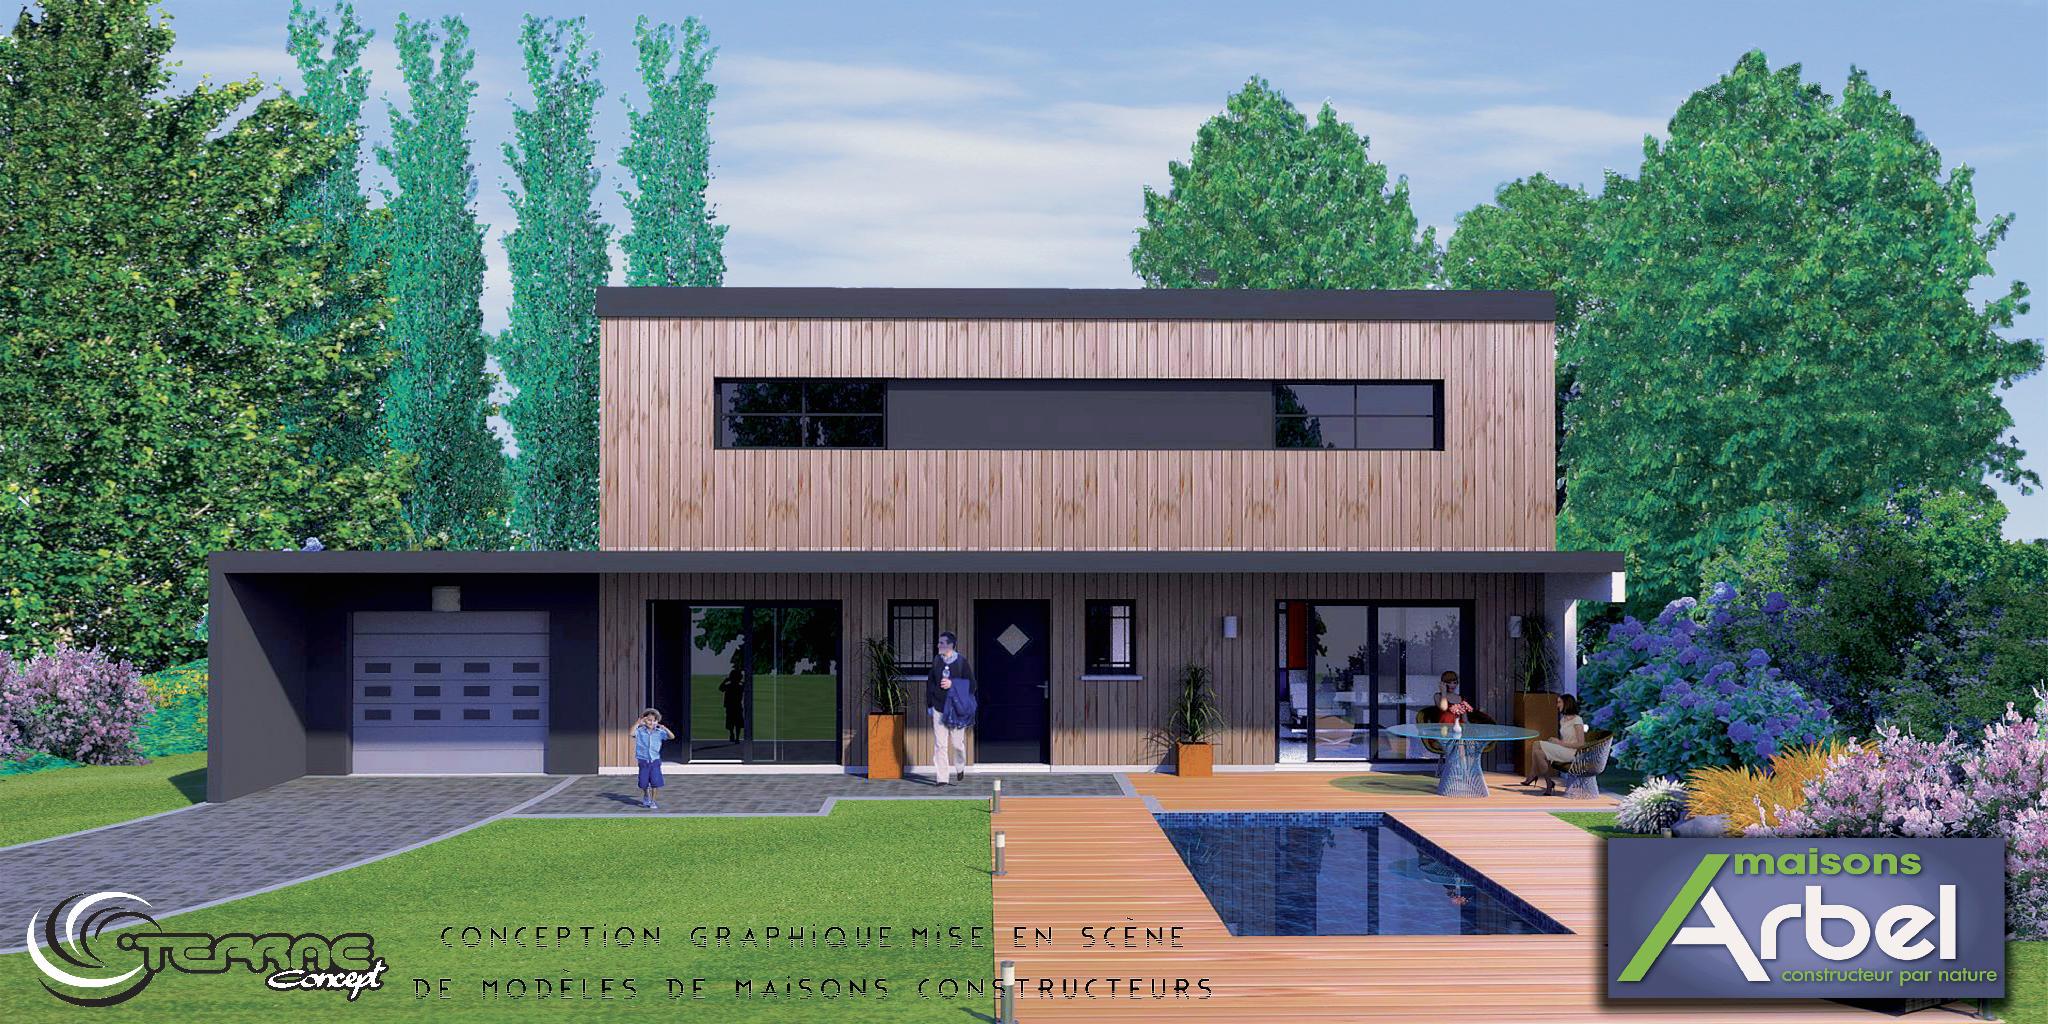 Maison chalet bois en kit maison bois en kit get free high quality hd wallpapers maison bois - Maison en bois en kit roumanie ...